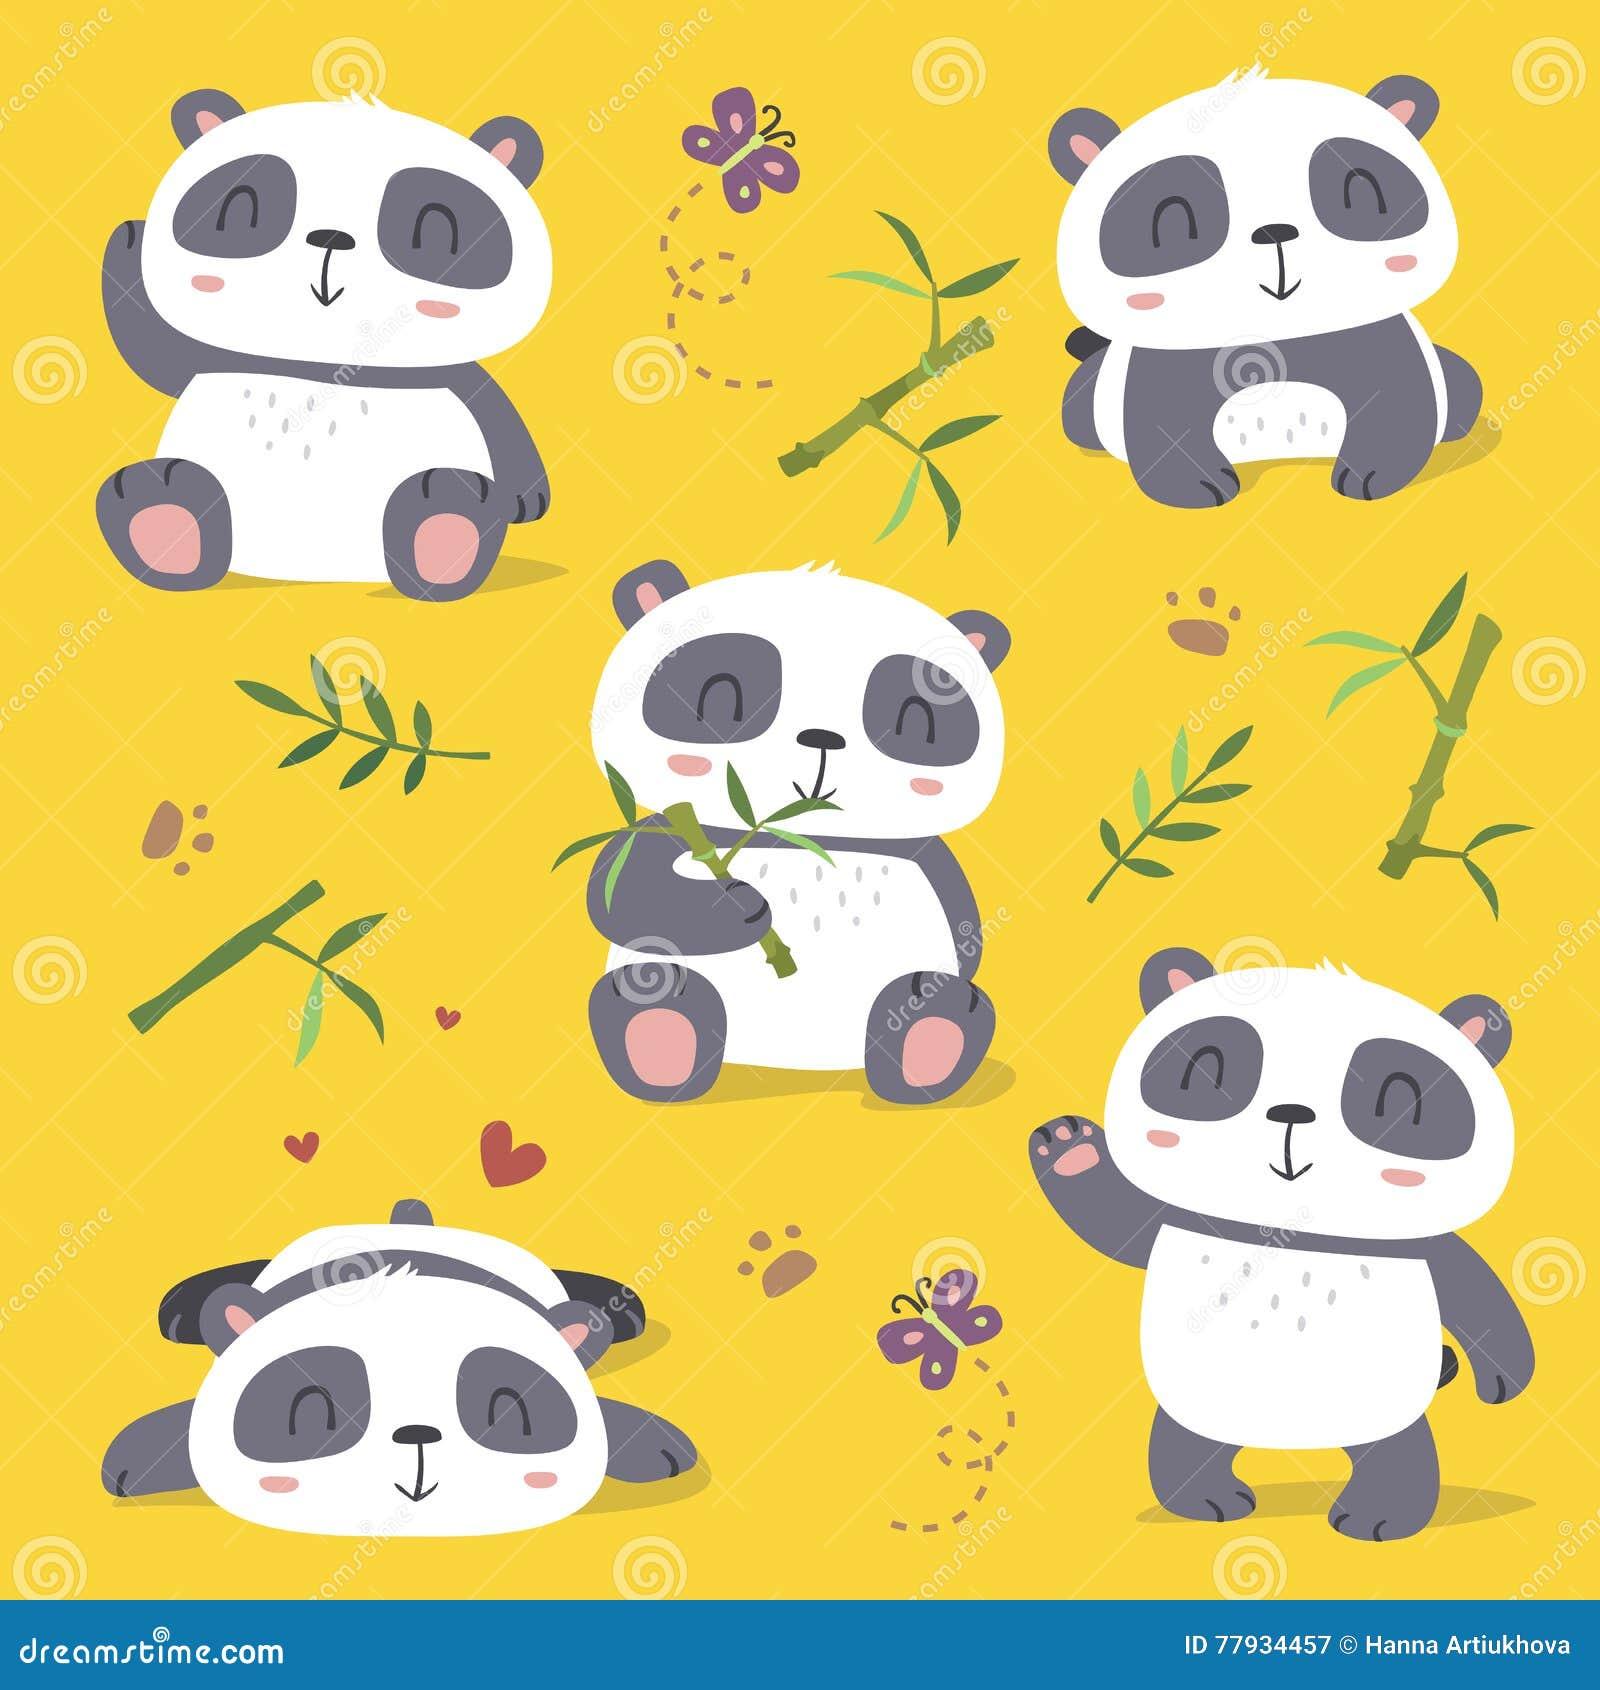 Cartoon style cute panda set